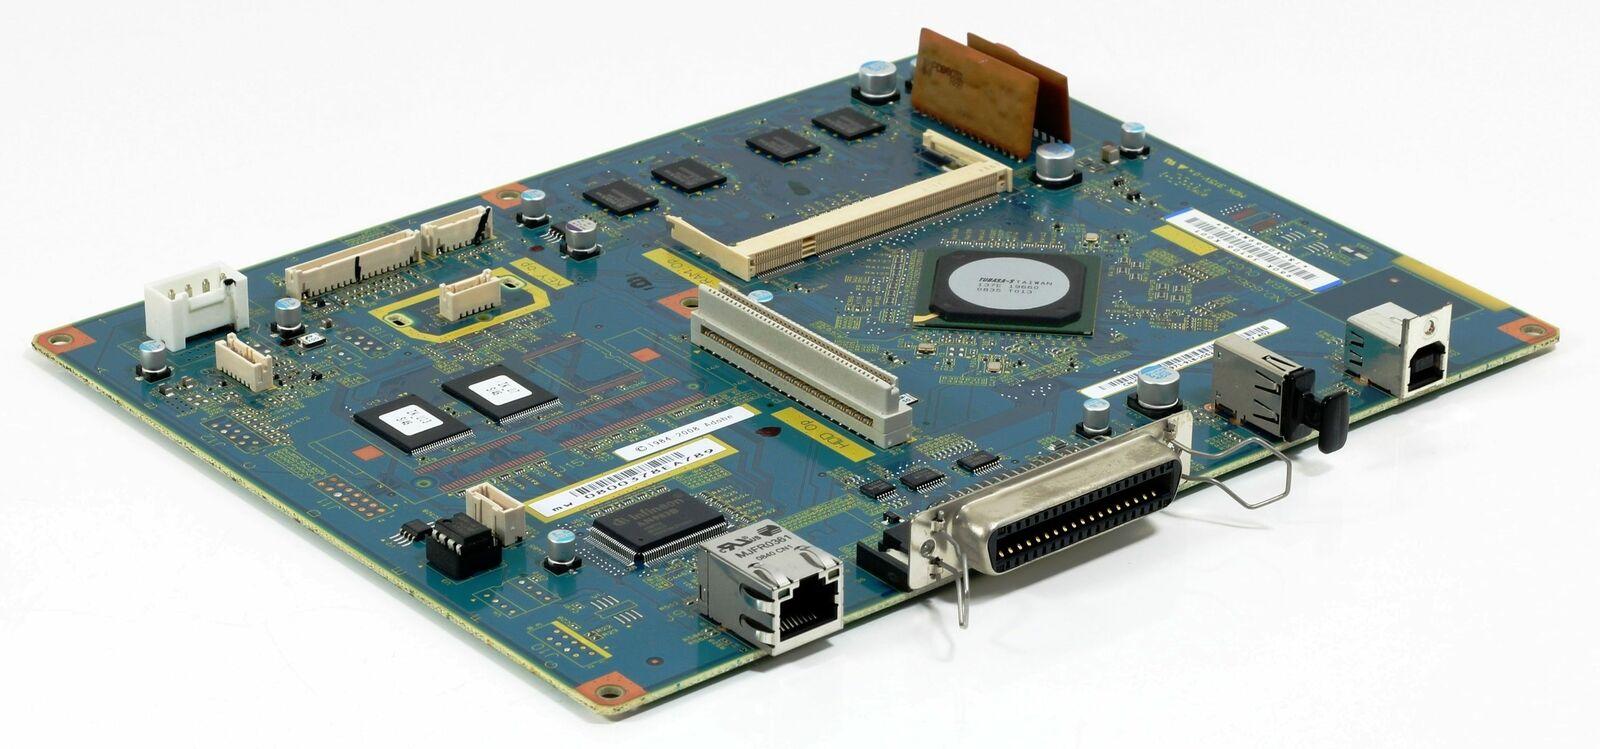 Dell formatteur cn-0t100d conseil pour imprimante laser 3130n utilisé